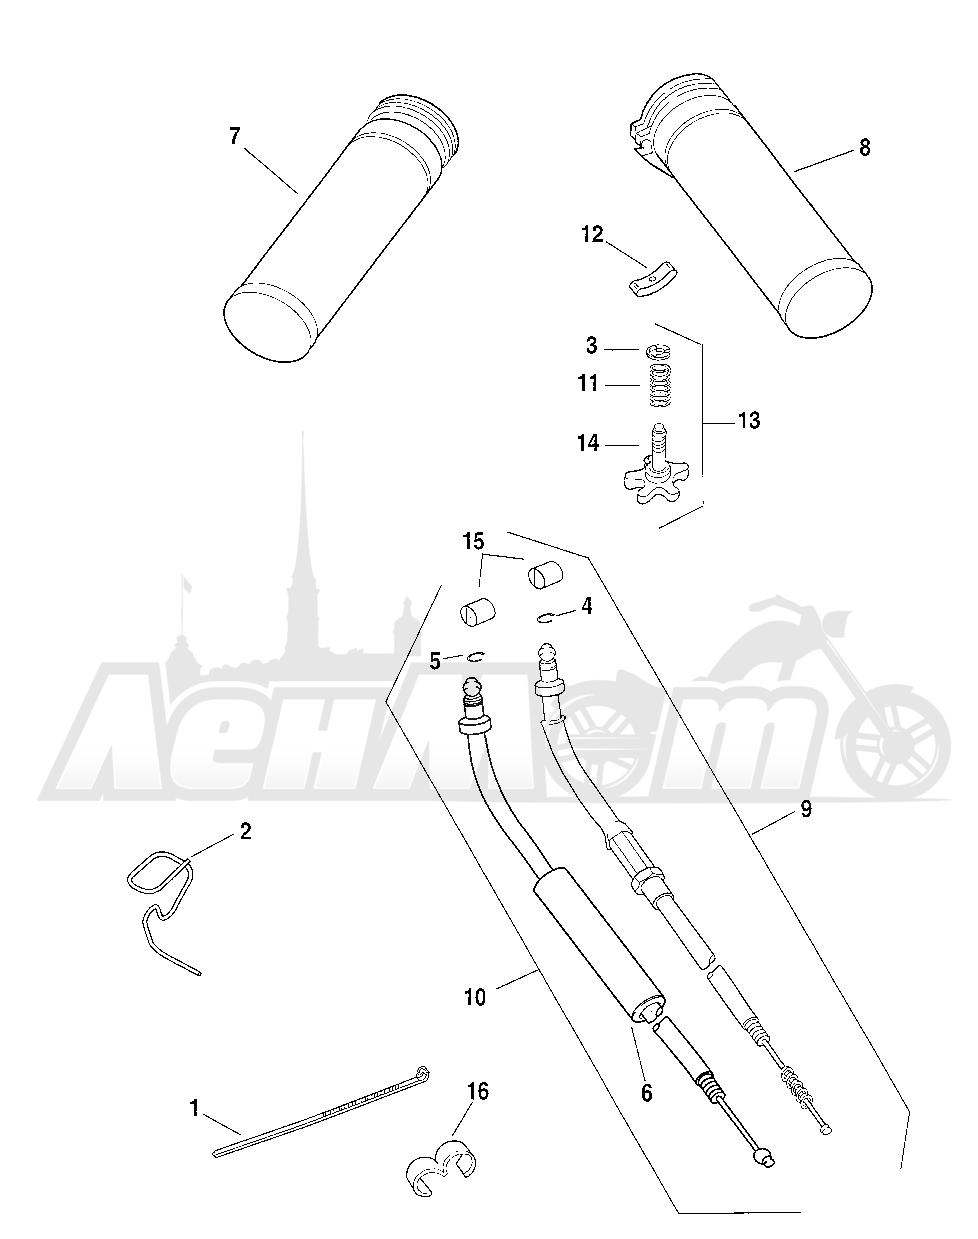 Запчасти для Мотоцикла Harley-Davidson 2005 FXSTS SOFTAIL® (BL) (CARBURATED) Раздел: THROTTLE CONTROL ASSEMBLY W/ GRIPS | дроссель управление в сборе вместе с ручки